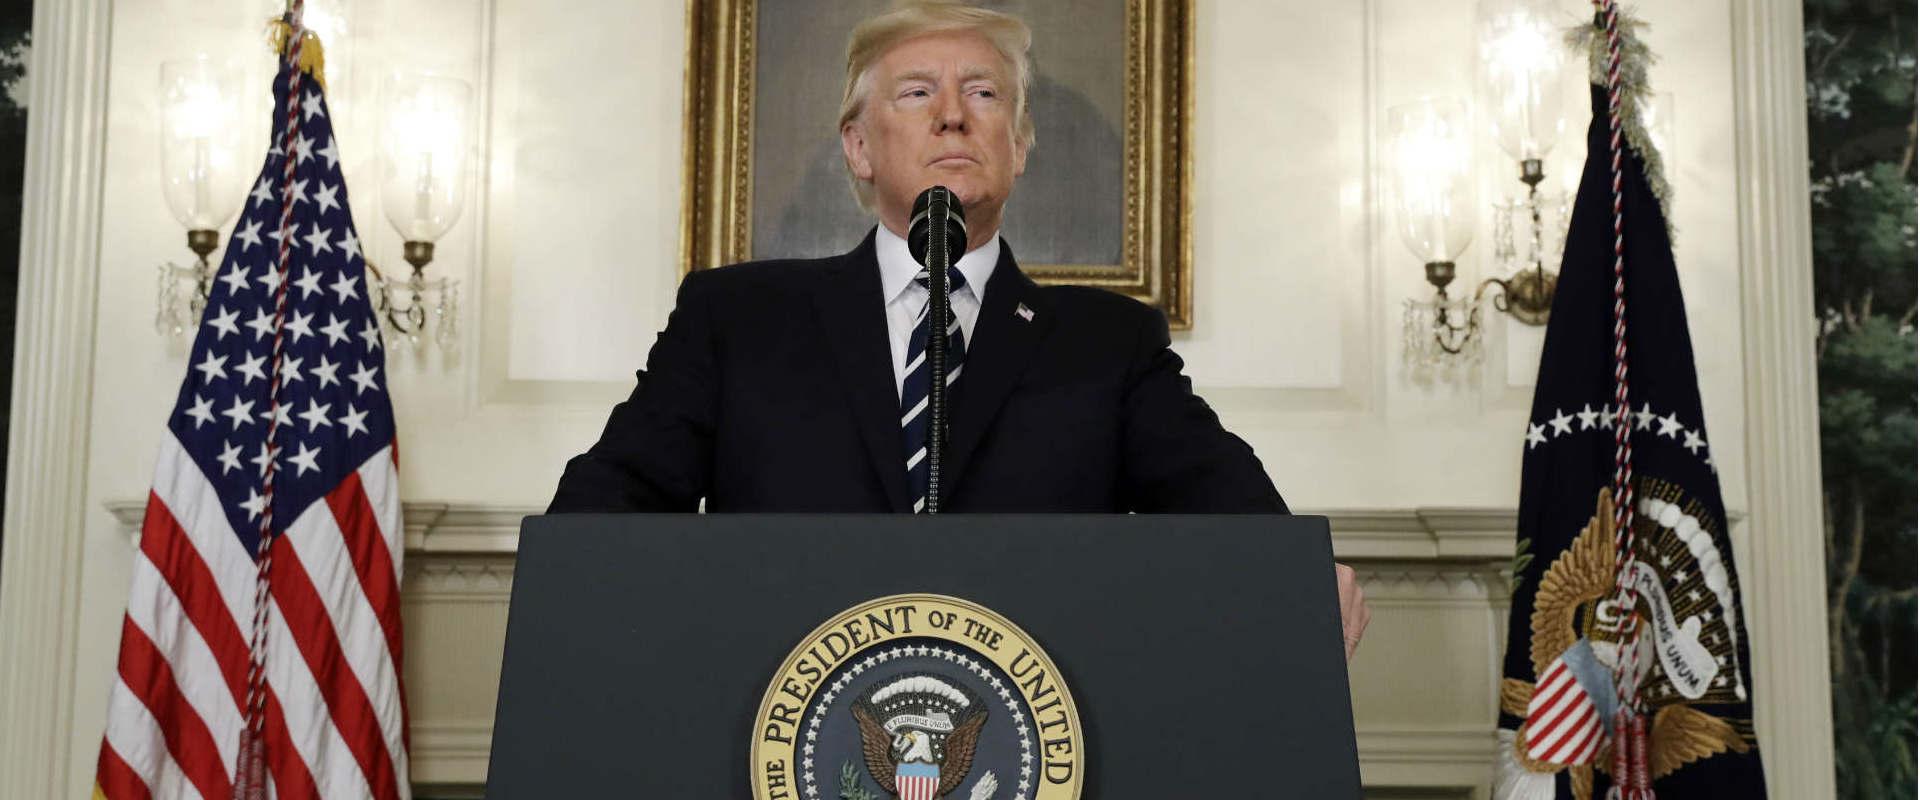 נשיא ארצות הברית דונלד טראמפ